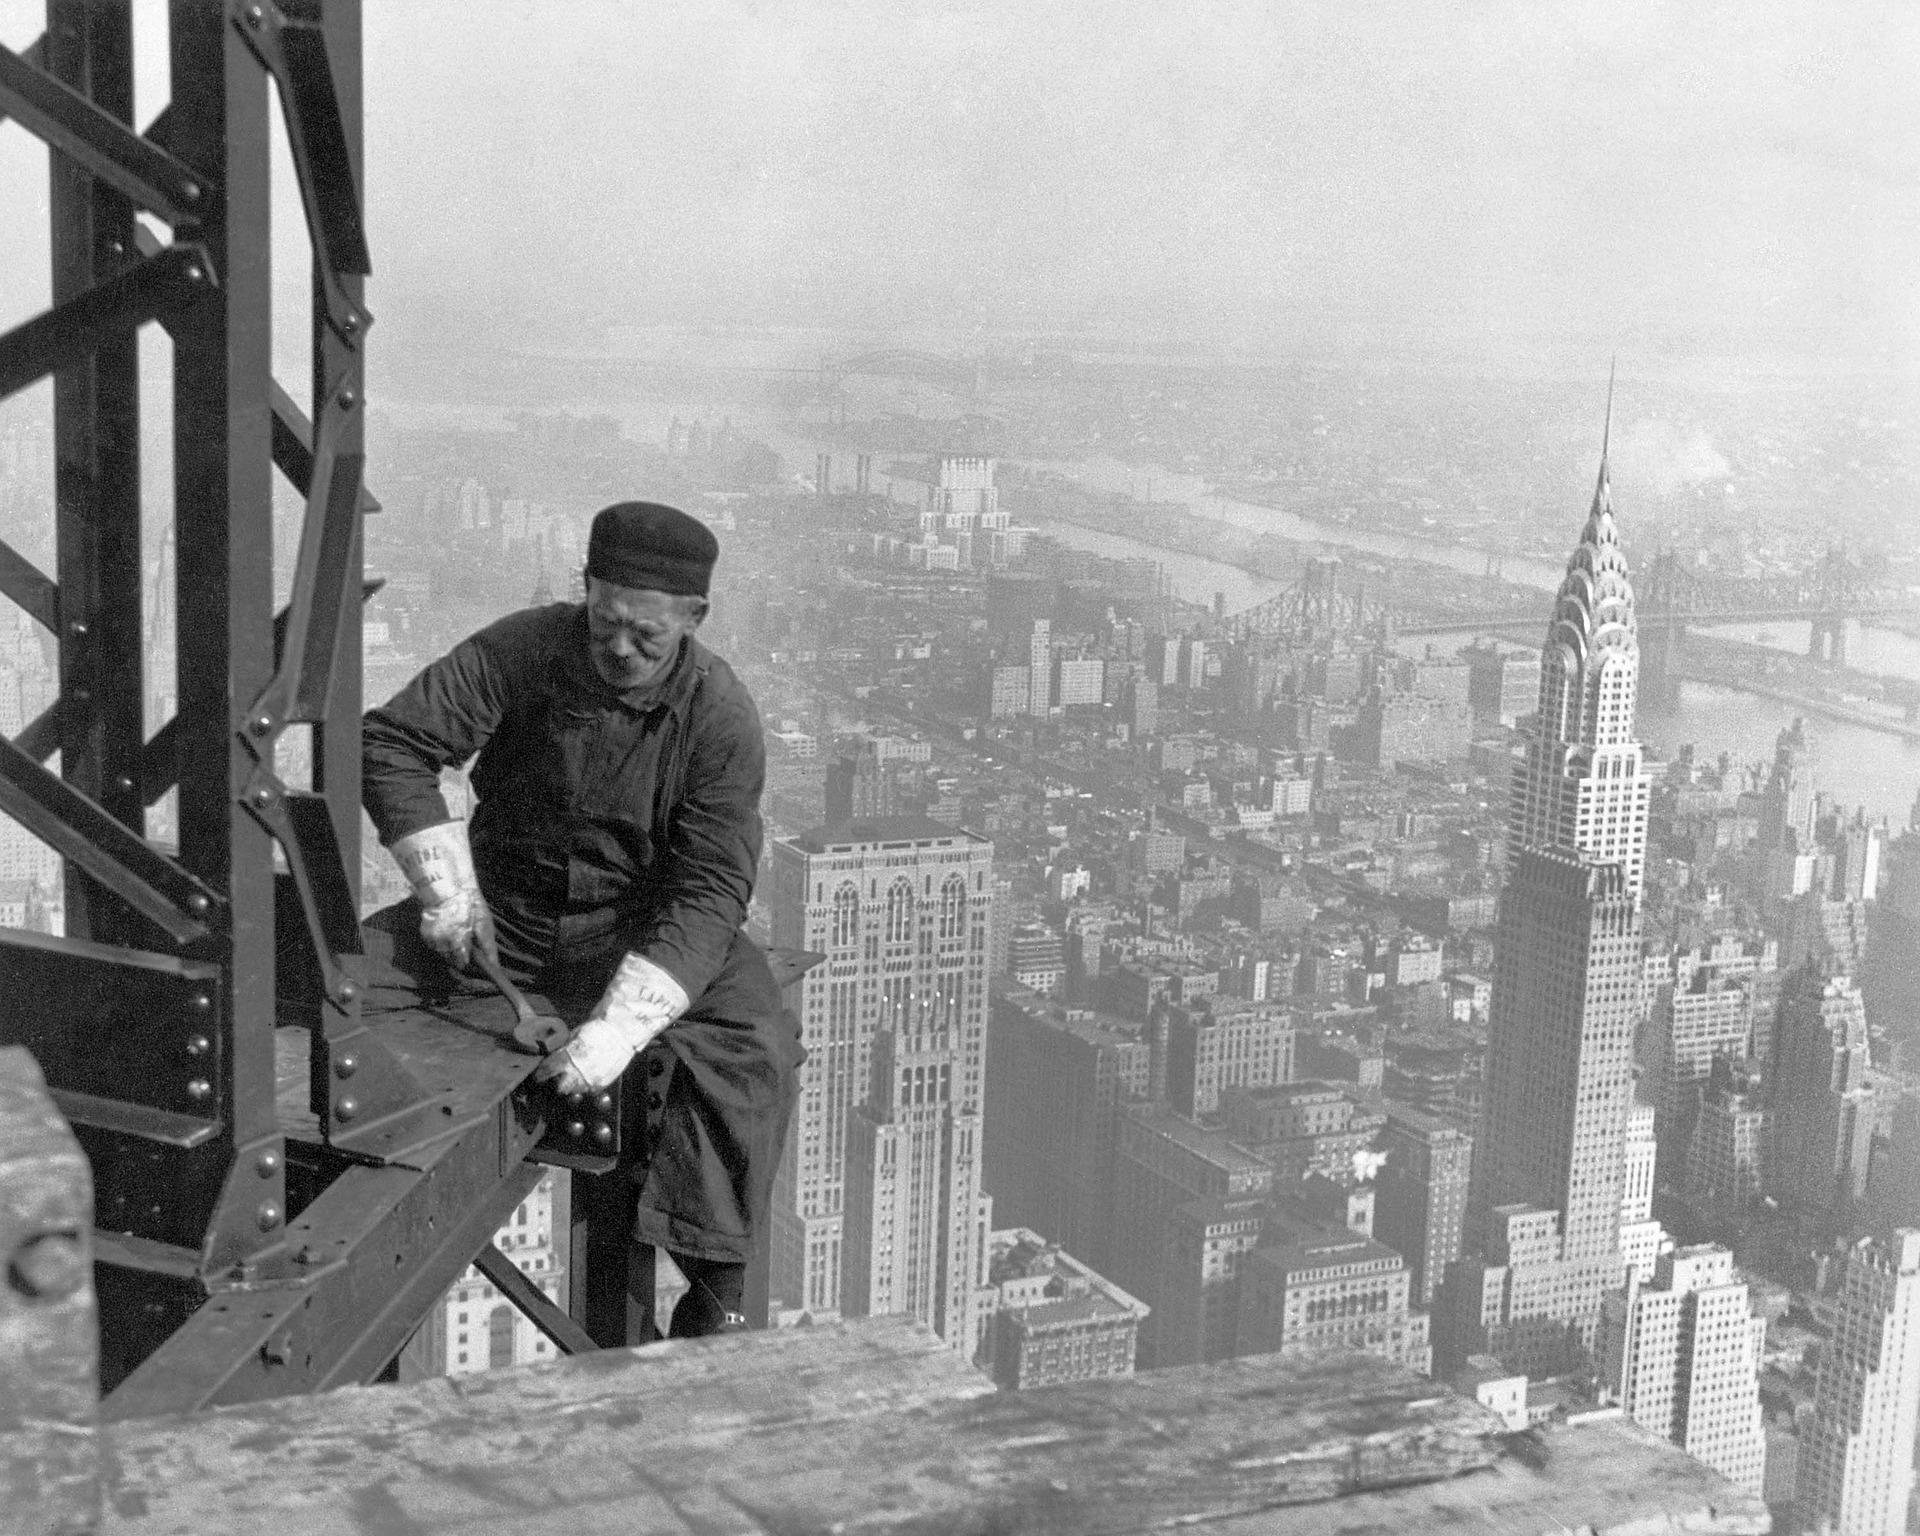 condiciones-trabajo Condiciones de trabajo: cualquier tiempo pasado fue peor